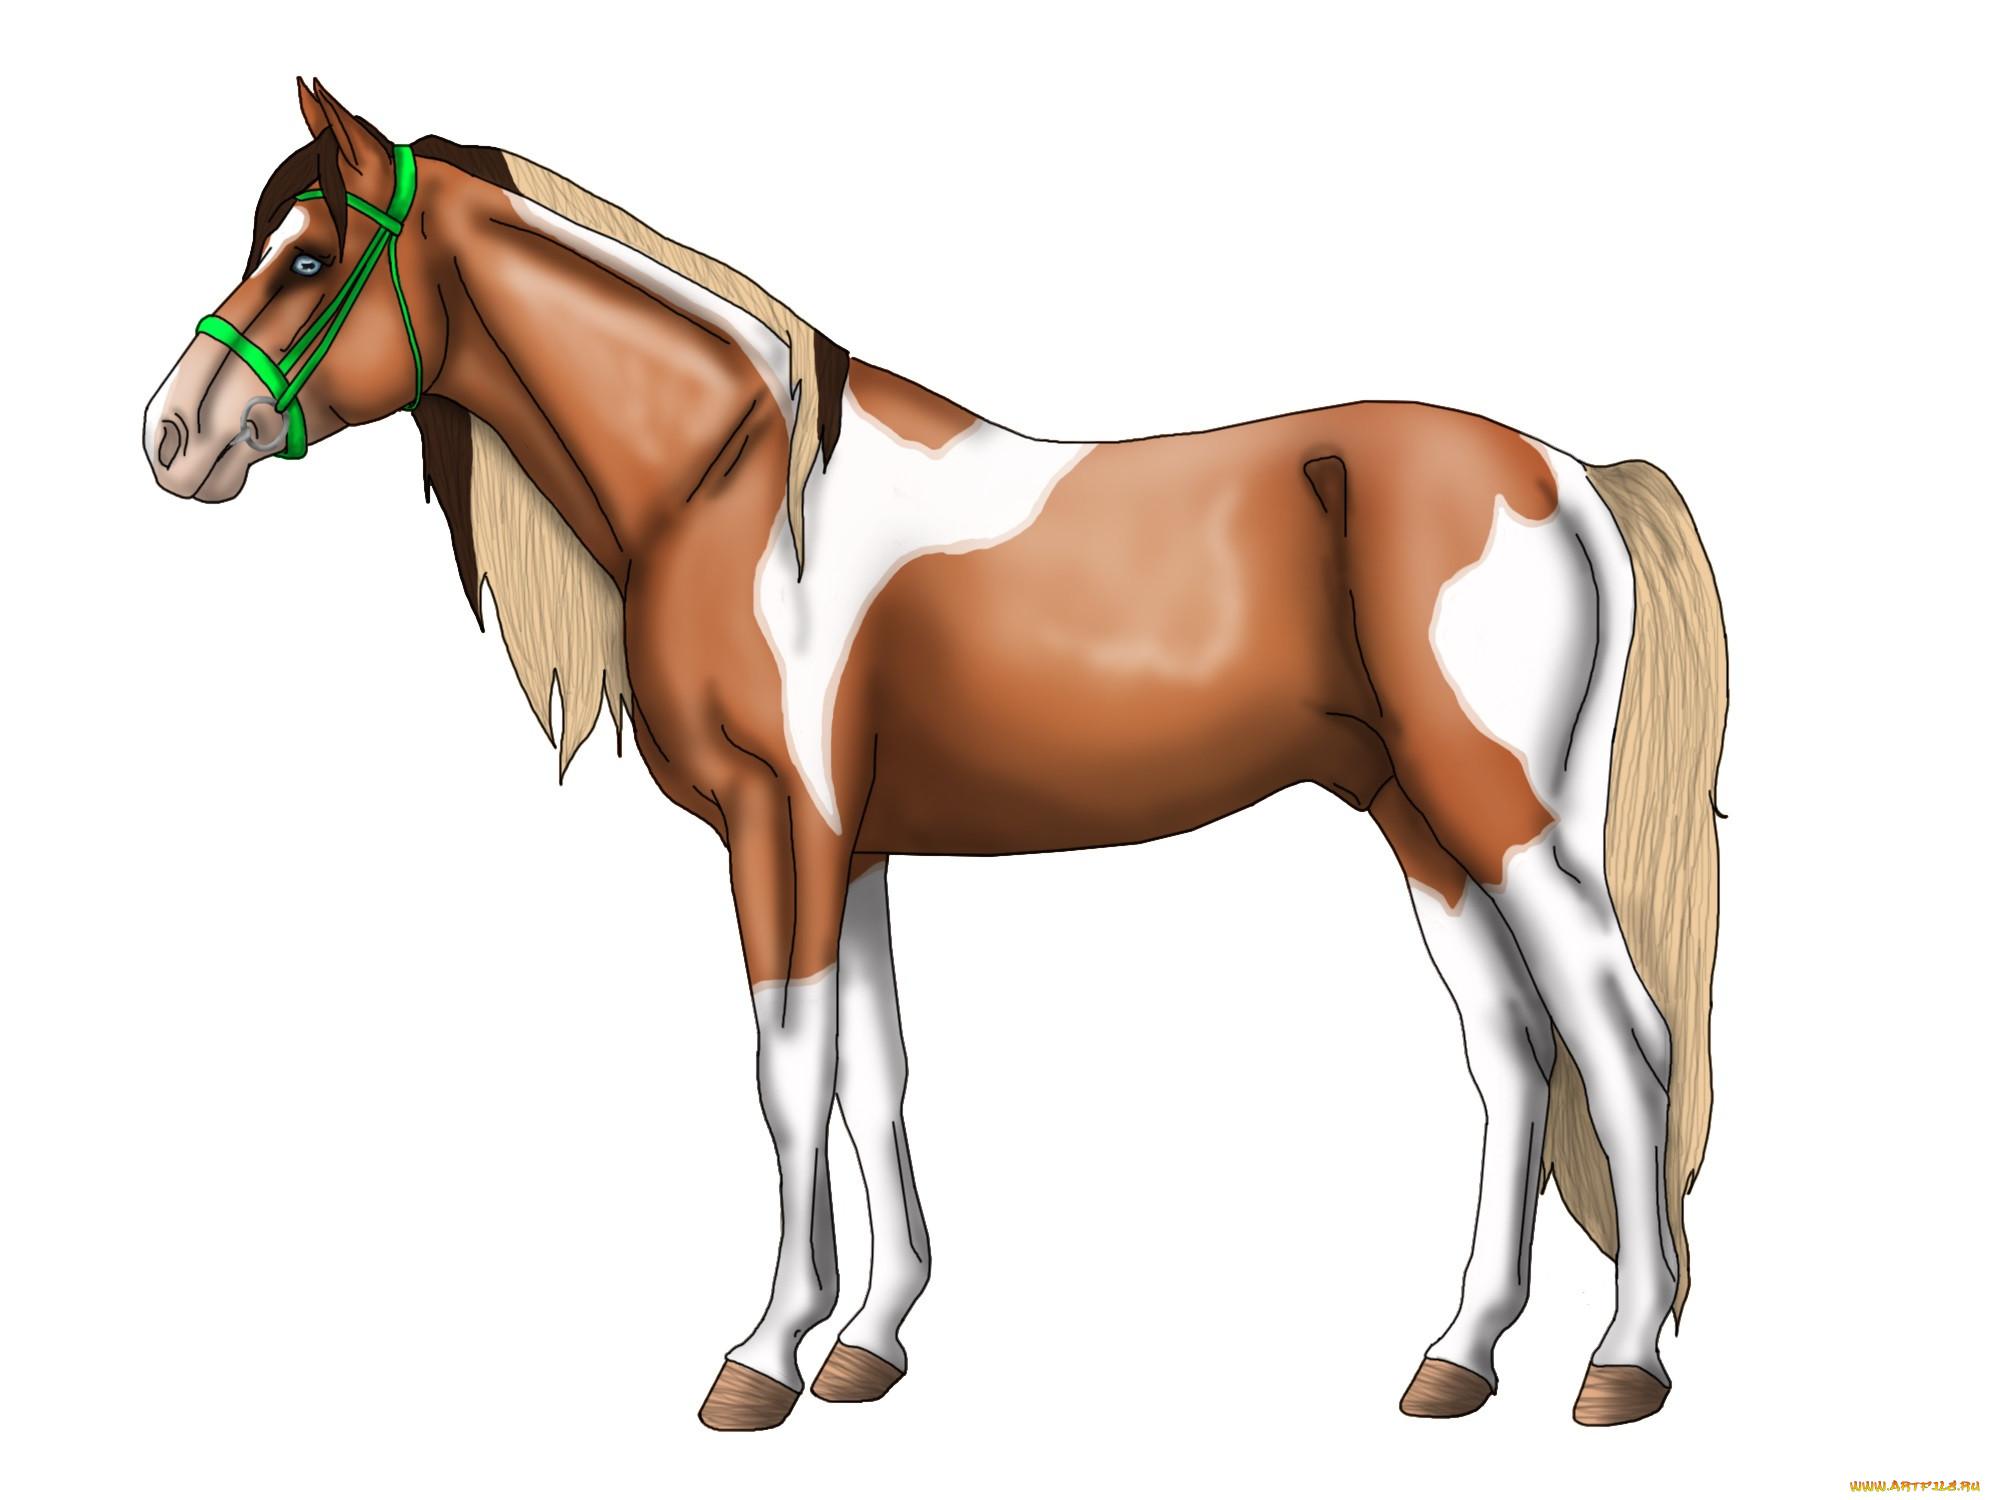 Картинка лошадка рисованная для детей